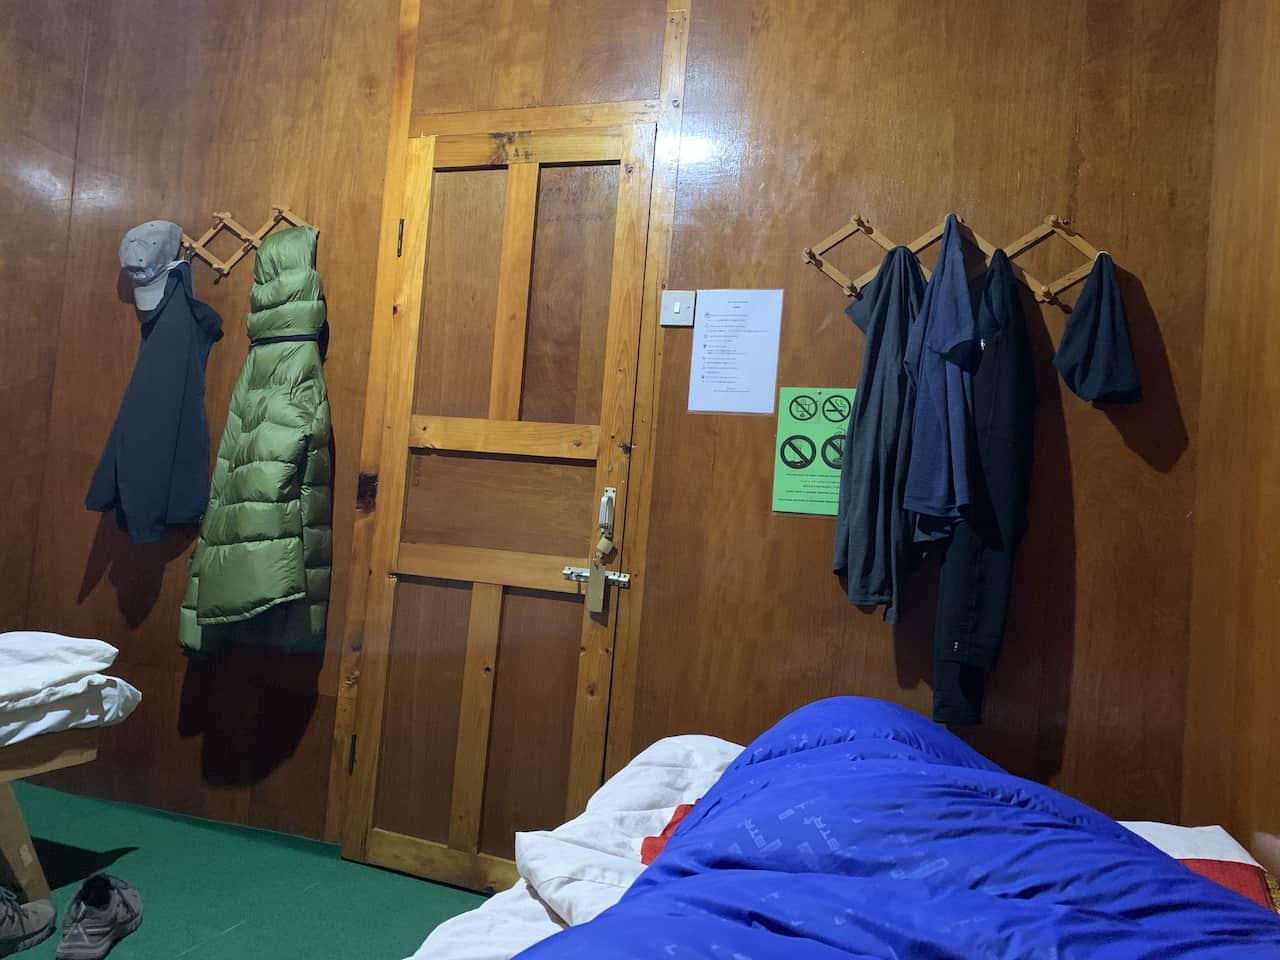 Clothing Layers Everest Base Camp